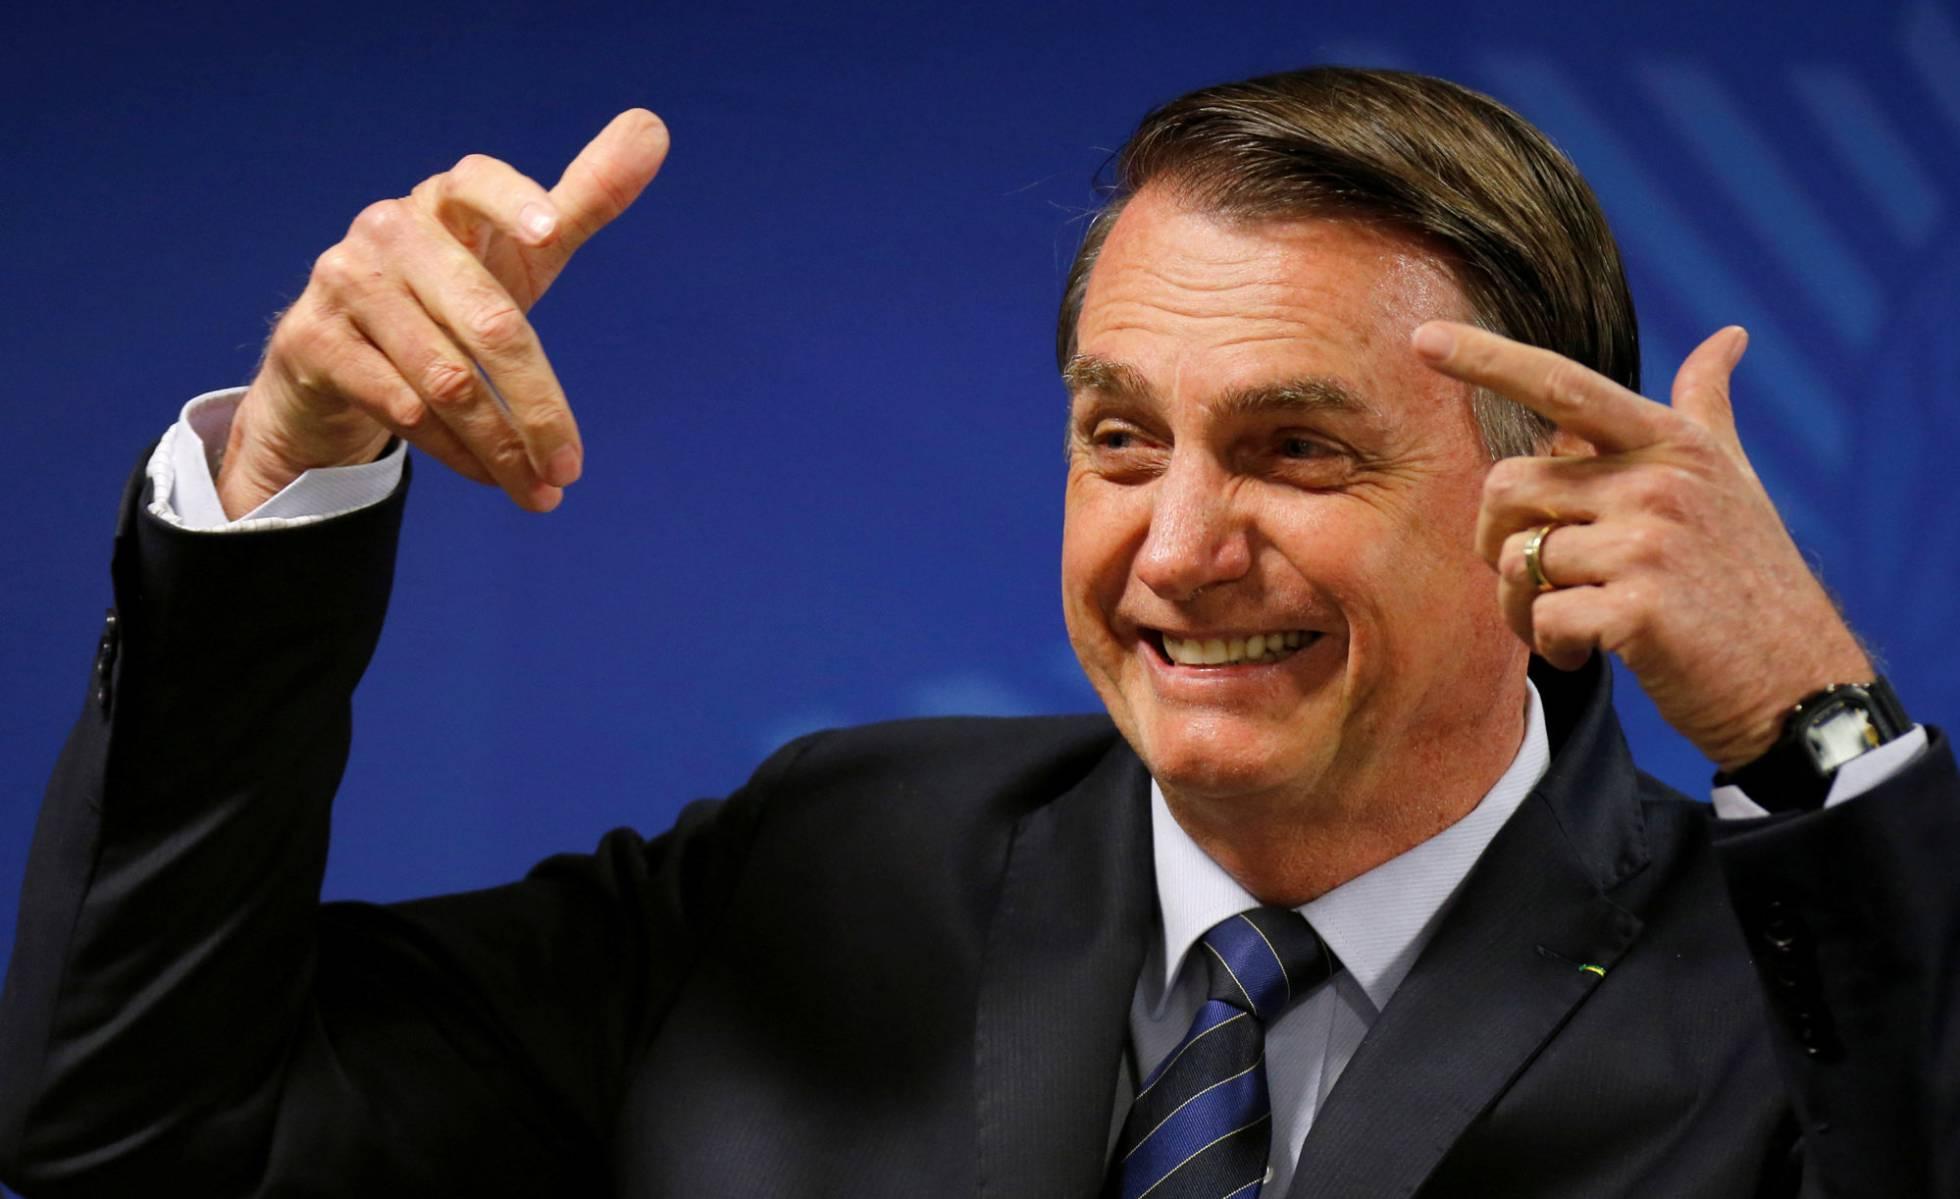 Empresários financiaram disparos em massa pró-Bolsonaro no Whatsapp, diz jornal